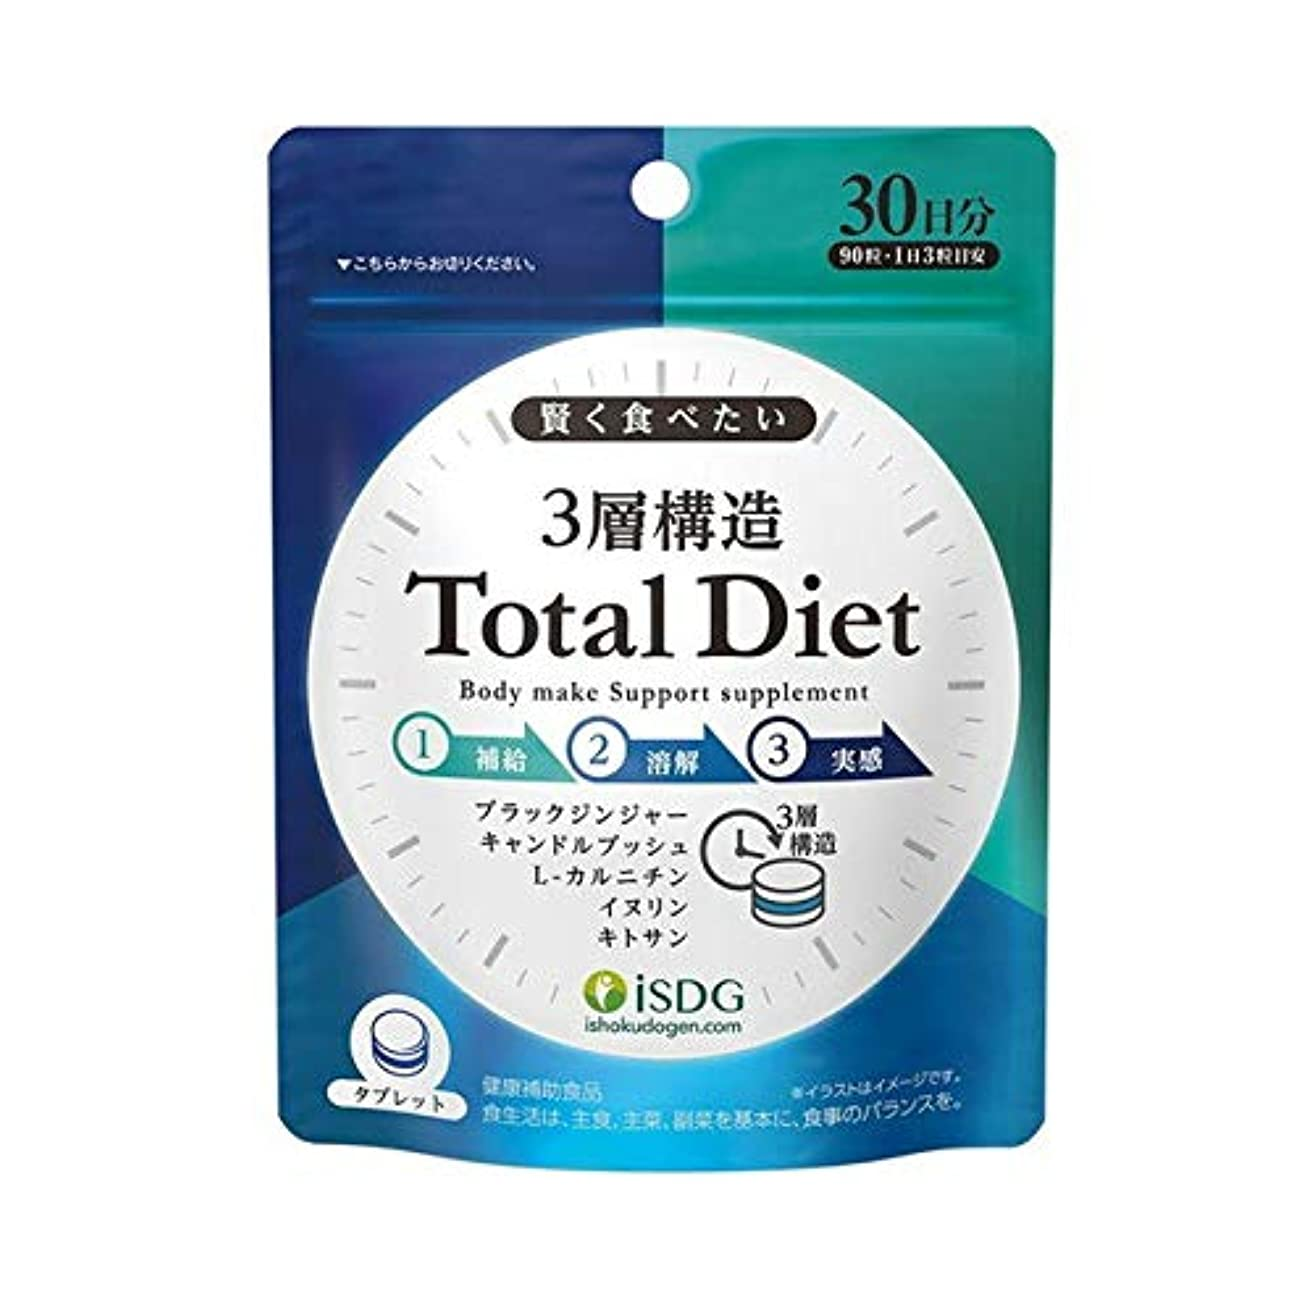 不平を言うストッキング乱雑な医食同源ドットコム ISDG 3層構造 Total Diet 90粒入 トータル ダイエット×10個セット